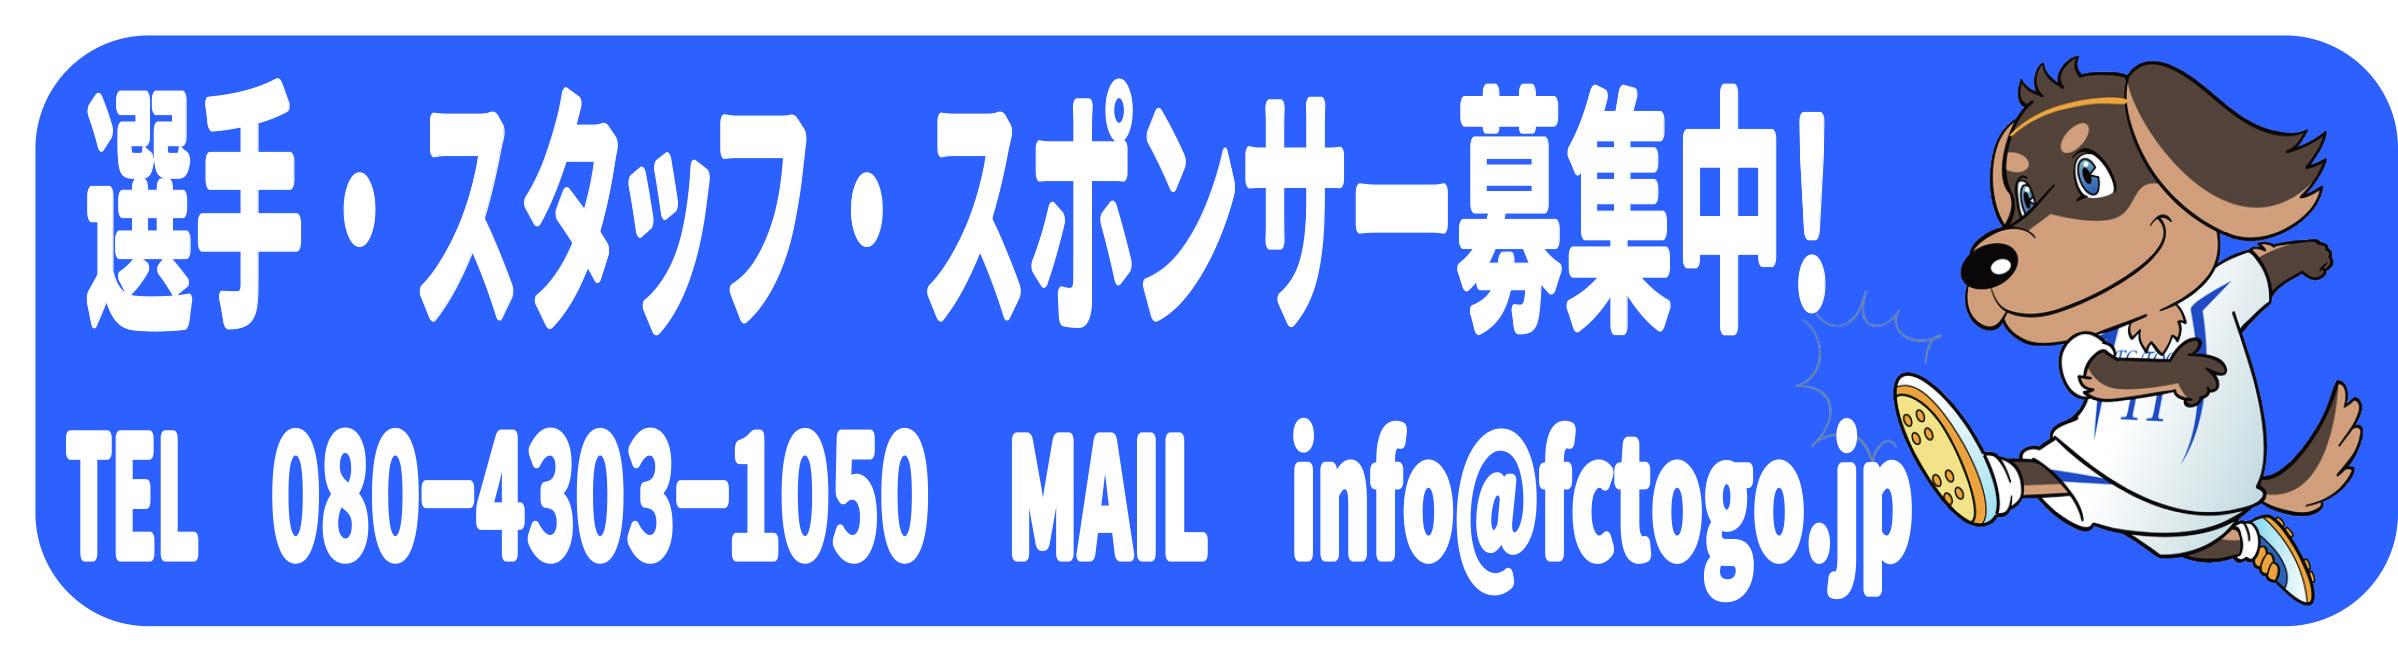 選手・スタッフ・スポンサー募集3